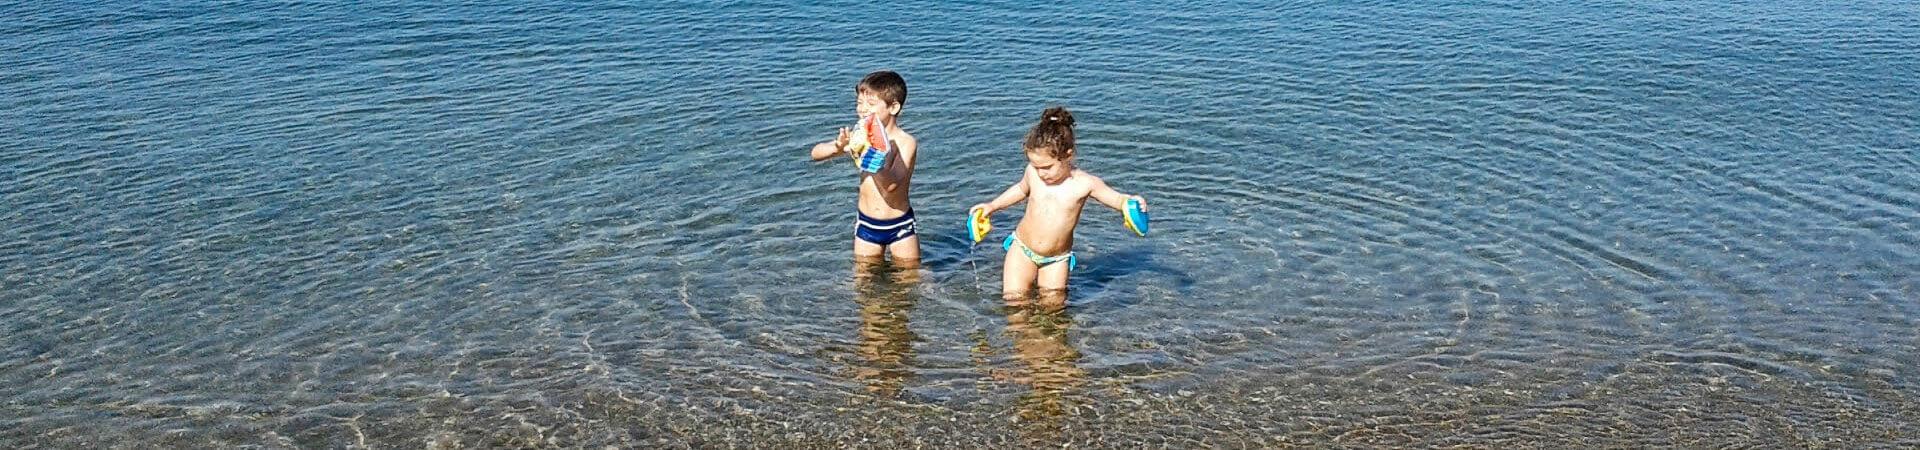 spiaggia_con_bambini